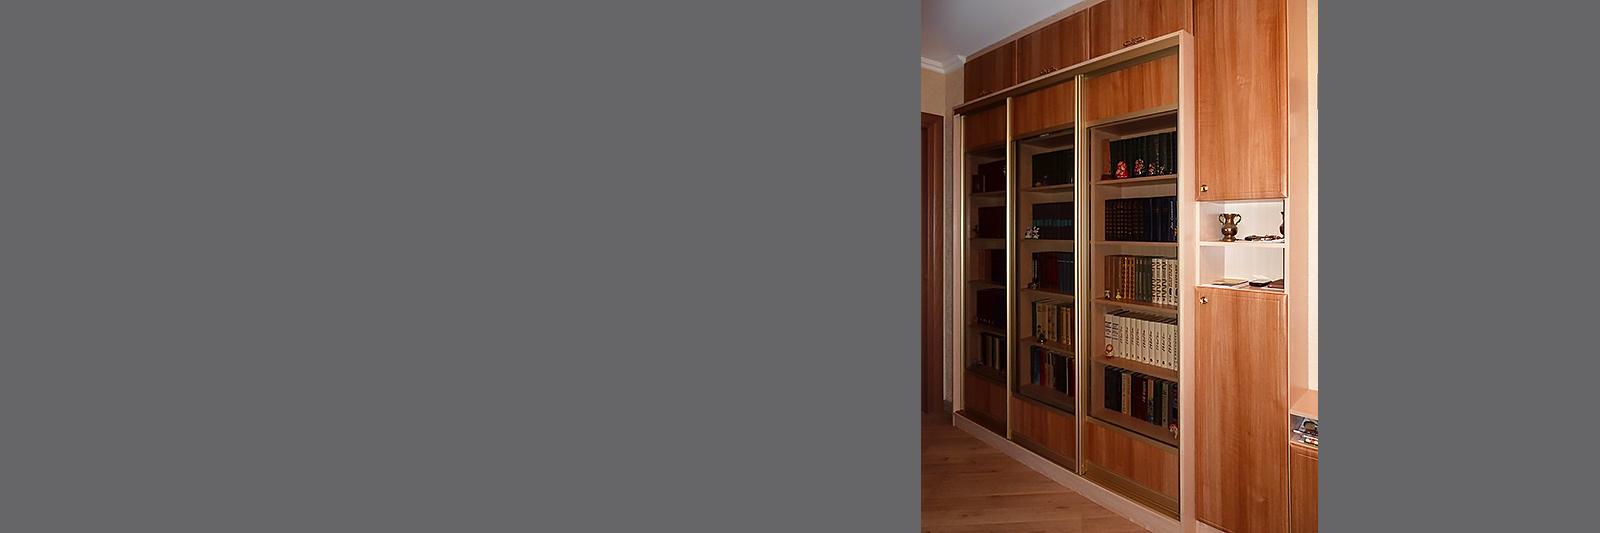 Книжный шкаф купе по индивидуальному заказу